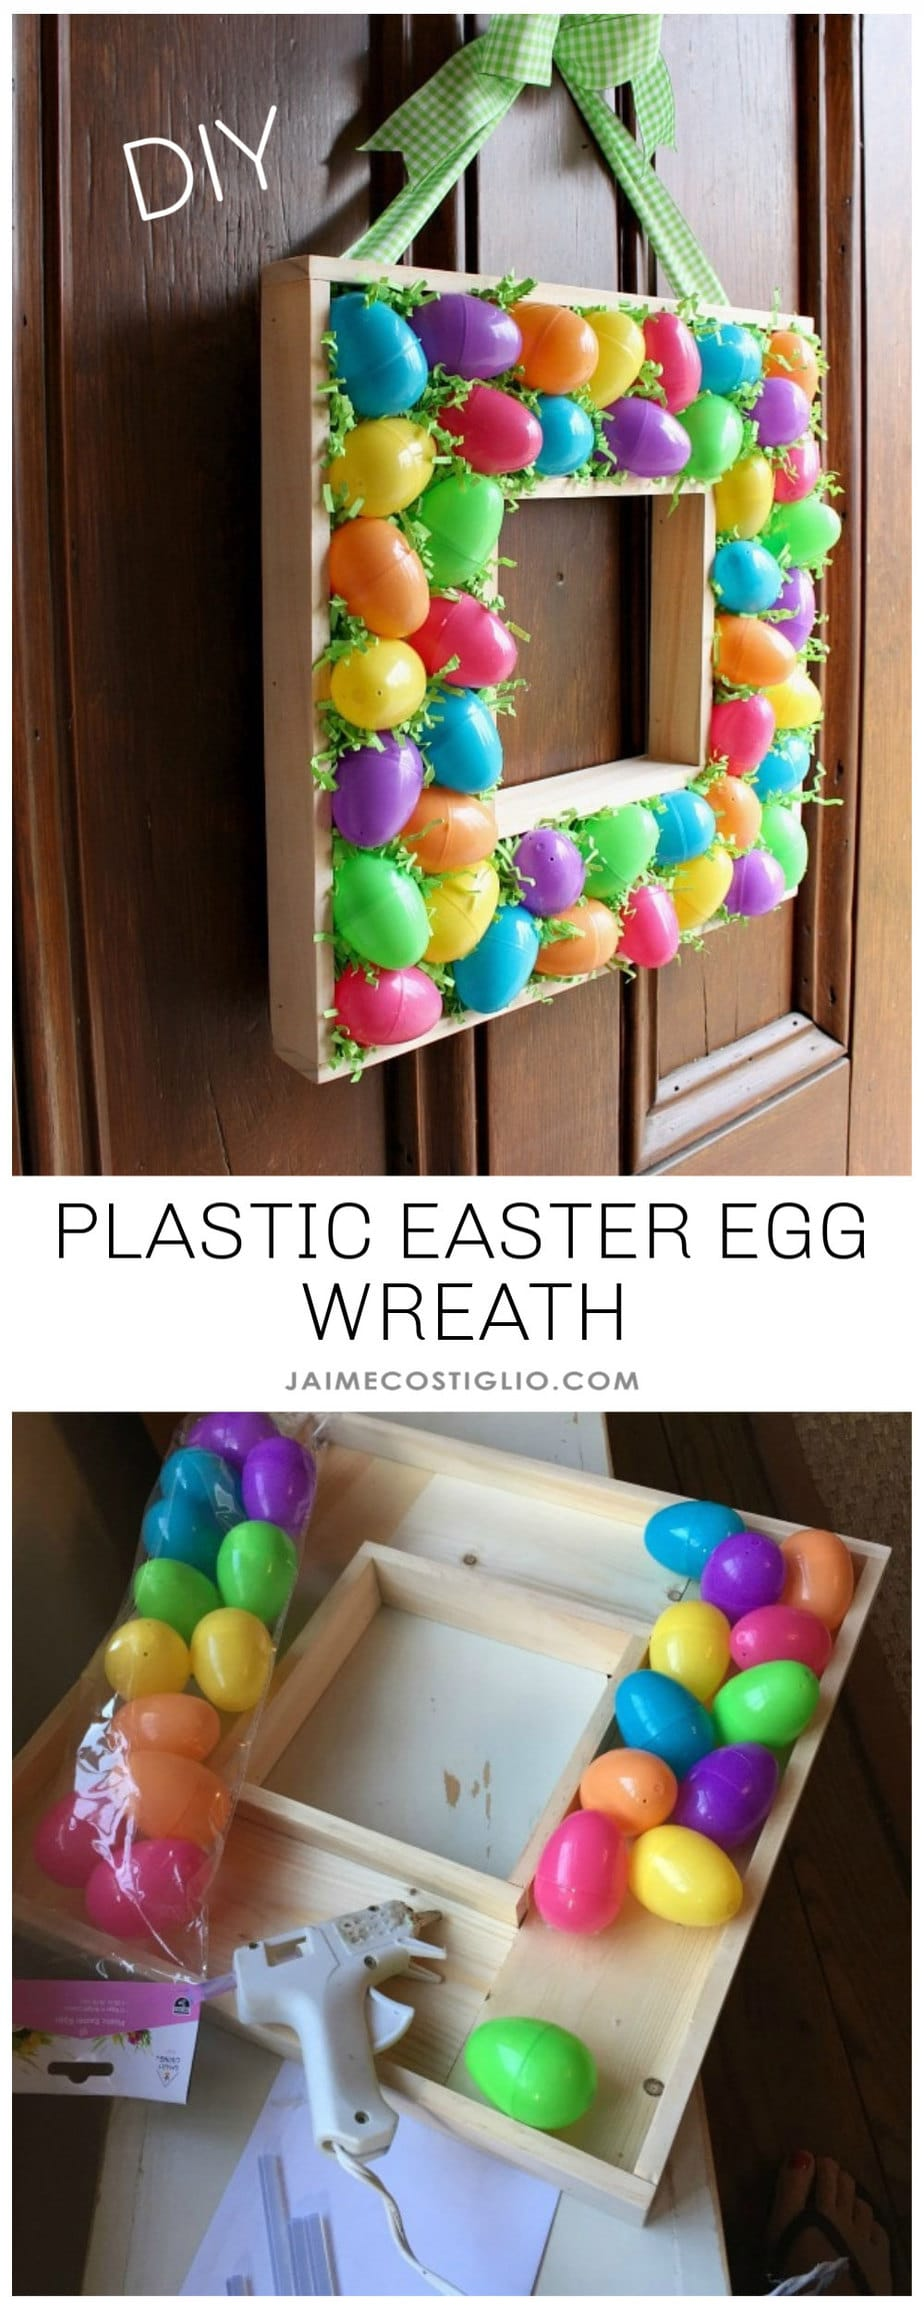 plastic Easter egg wreath tutorial